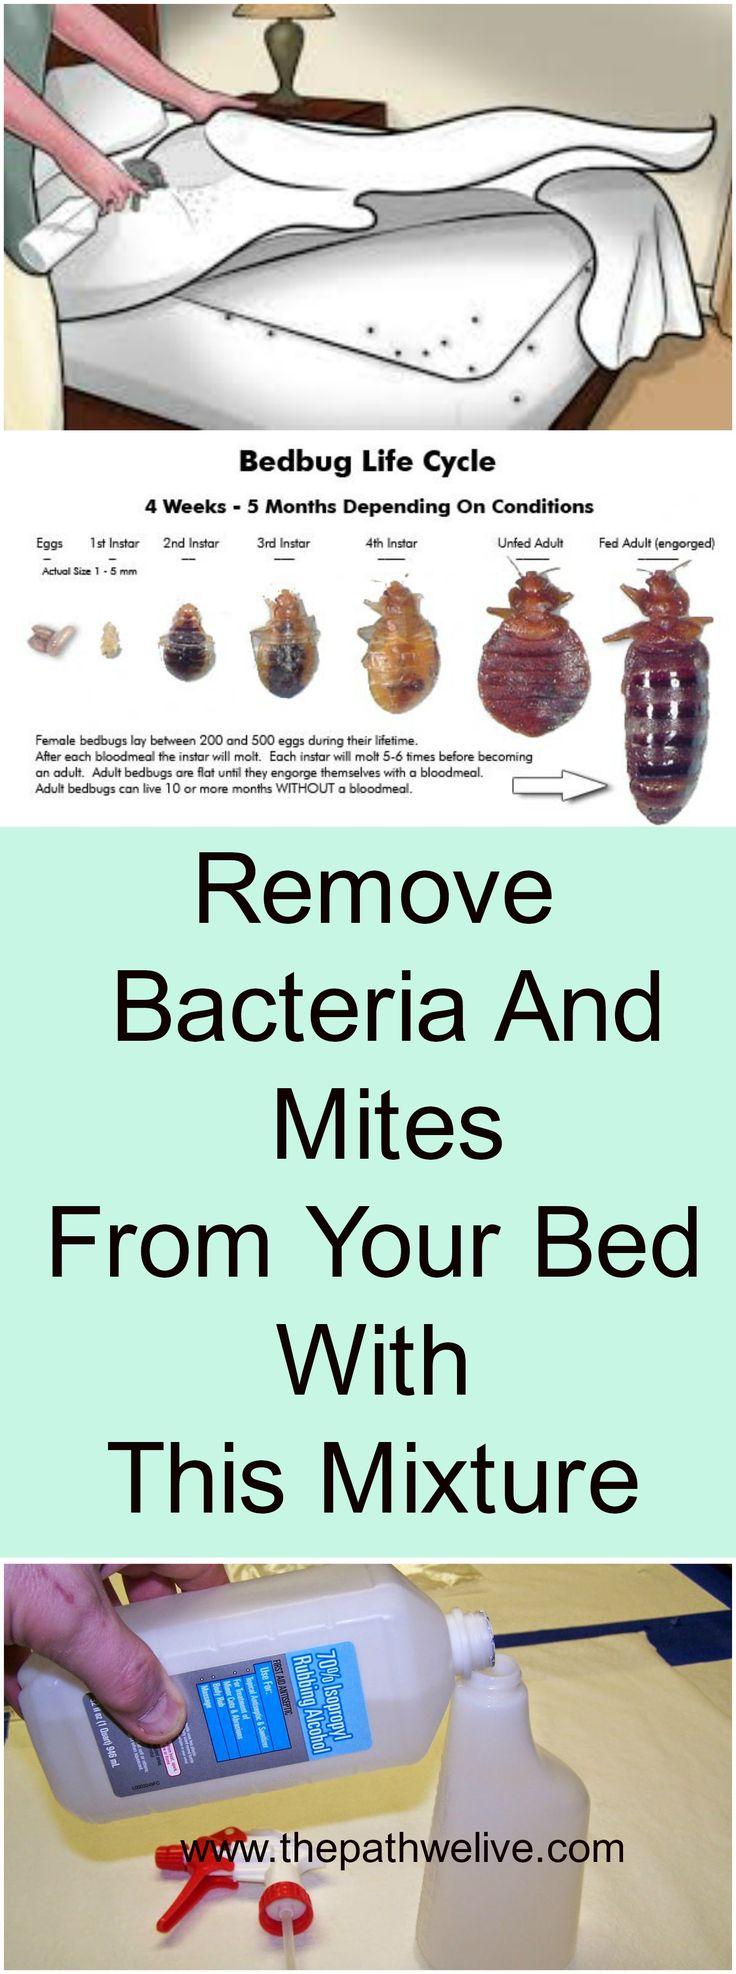 #Remove #Bacteria #Mites #Bed #Mattresses #Alcohol #Natural #Mixture #Health #Home